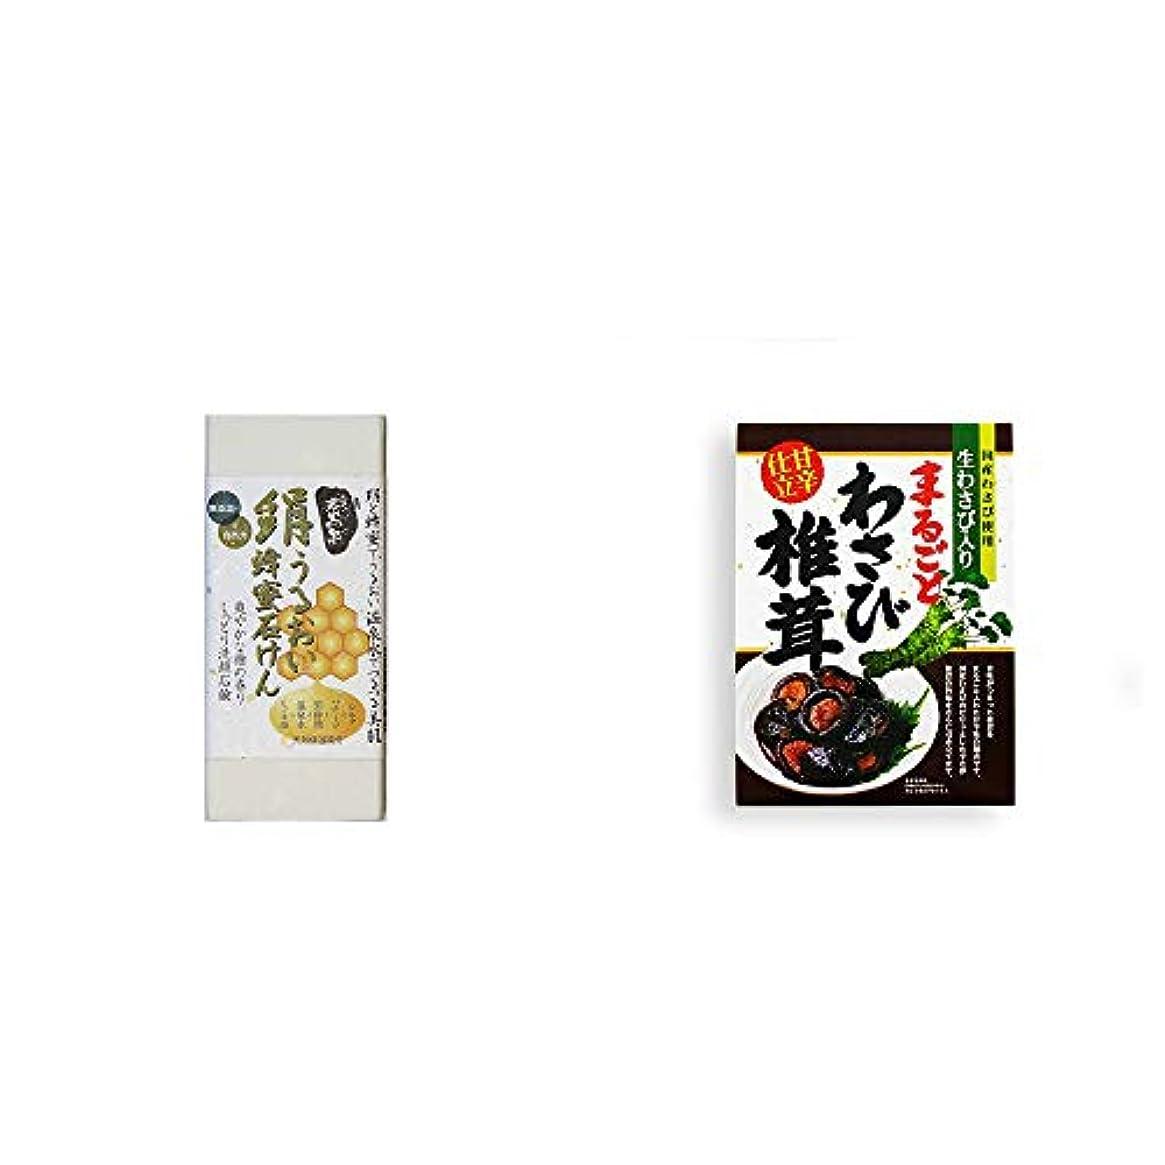 明示的に退屈な置くためにパック[2点セット] ひのき炭黒泉 絹うるおい蜂蜜石けん(75g×2)?まるごとわさび椎茸(200g)